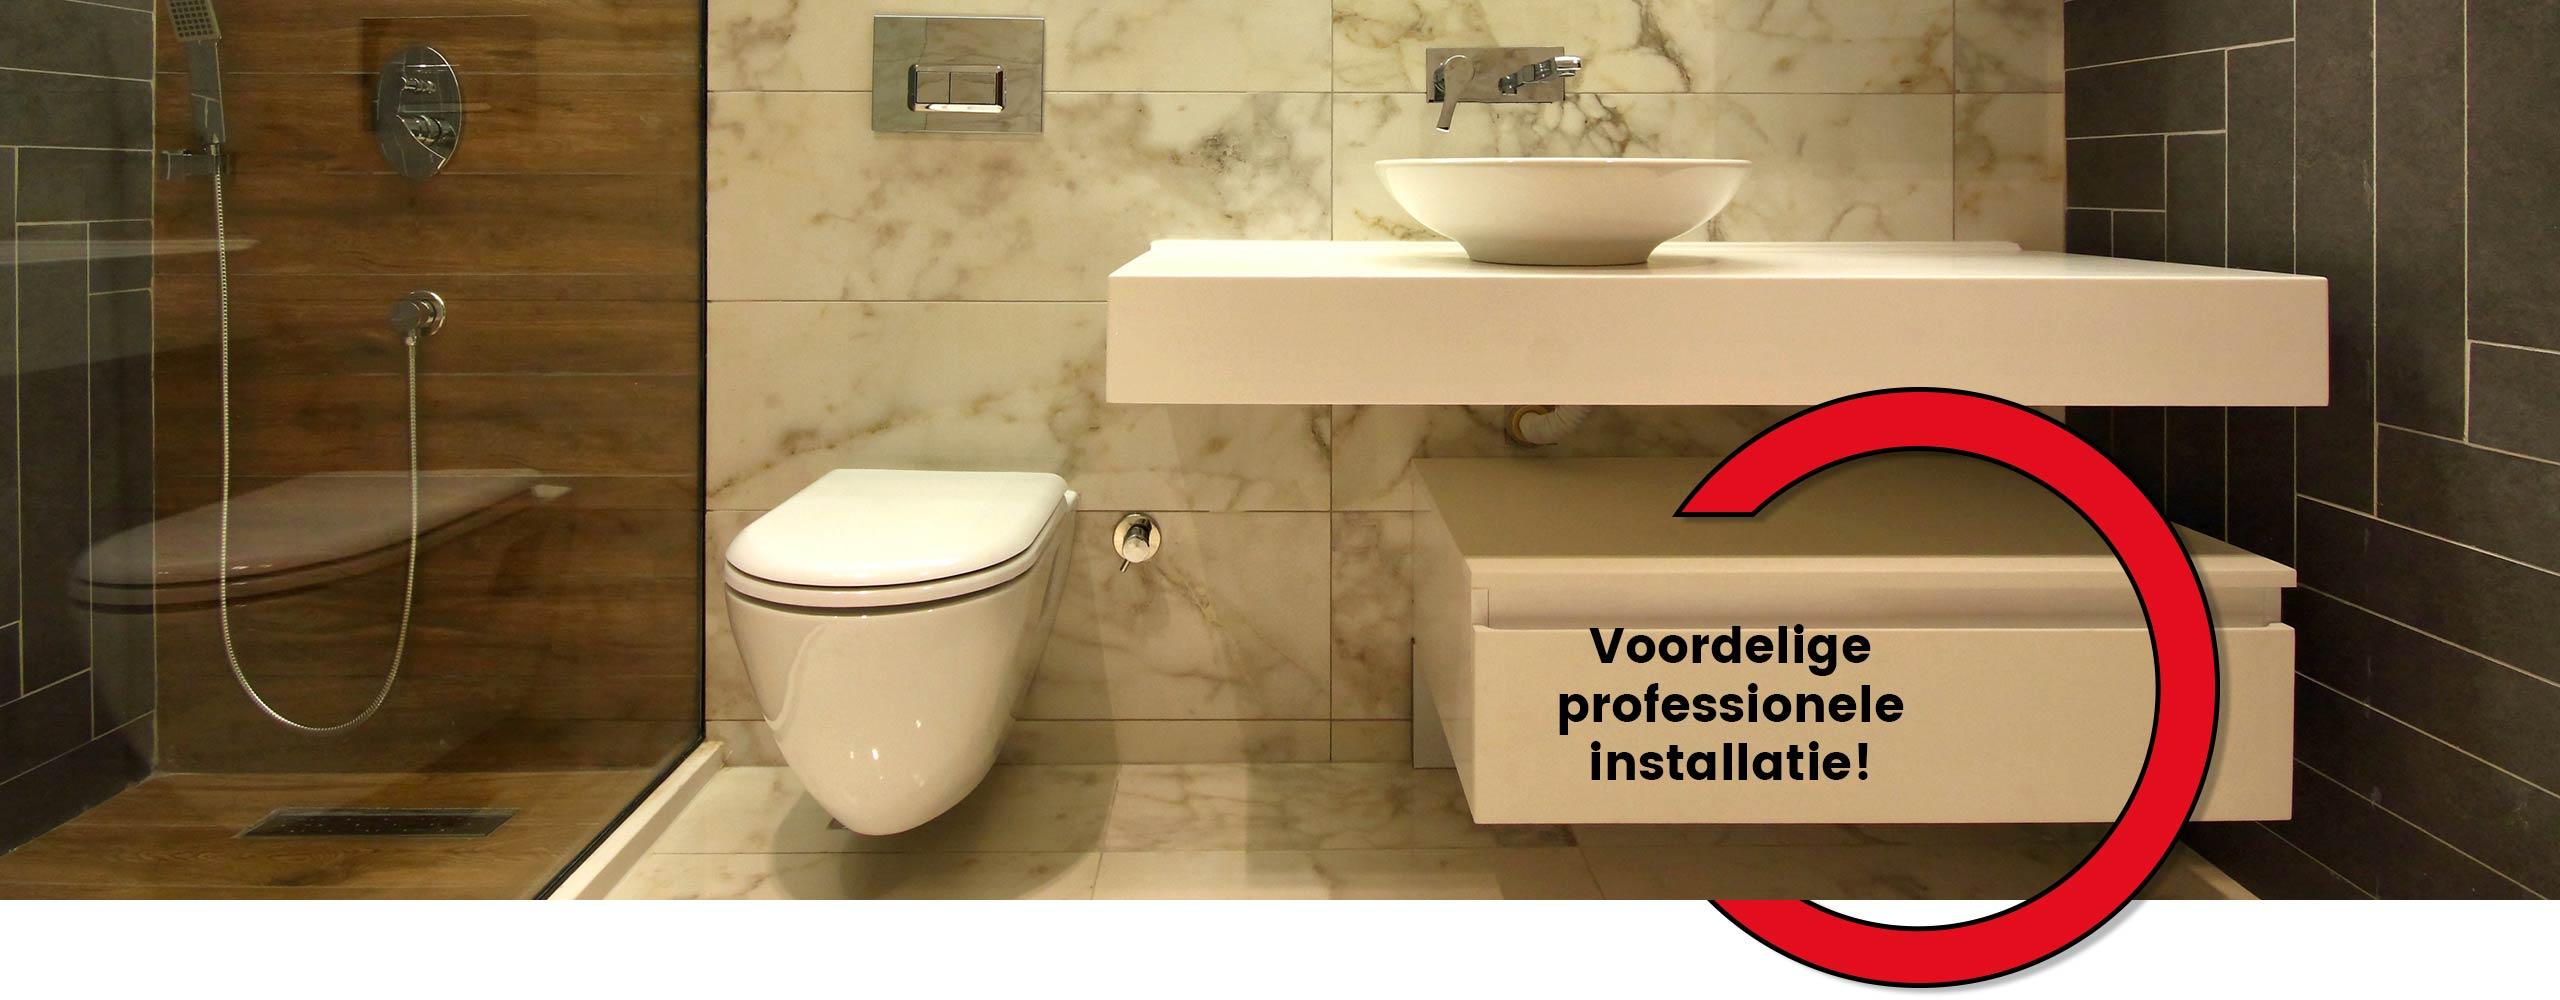 Badkamer verbouwen door de installateur uit Sittard